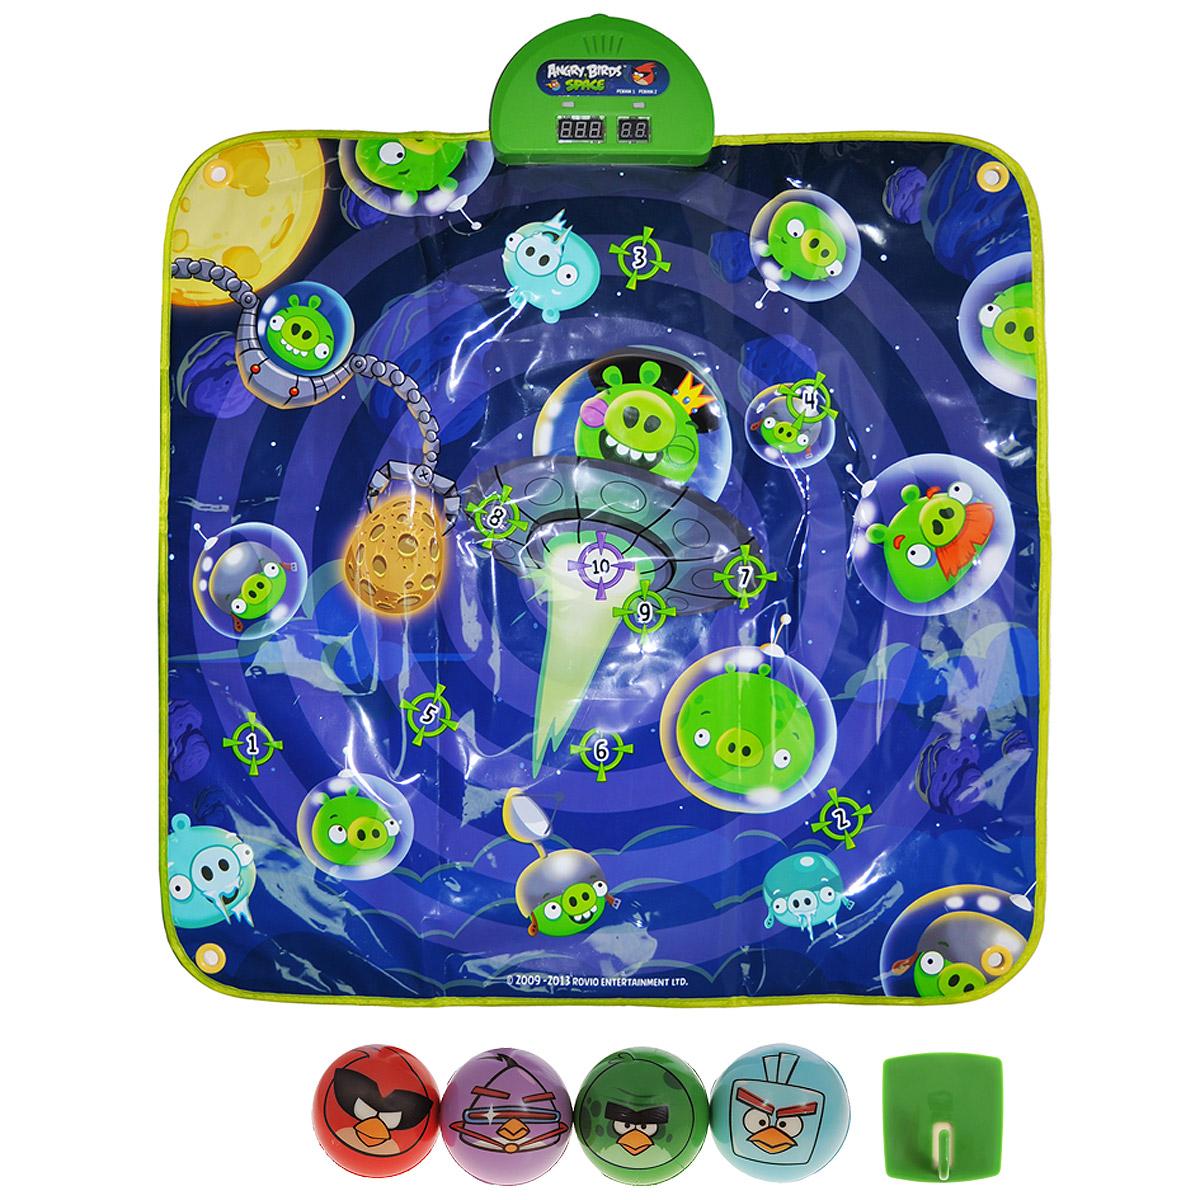 Angry Birds Музыкальный коврик-игра Дартс SpaceТ00Музыкальный коврик-игра Angry Birds Дартс Space - занимательная игра, которая не оставит равнодушным ни взрослого, ни ребенка. В комплект входят музыкальный коврик в стиле Angry Birds с мишенями и набор из 4 мячиков. Коврик можно расположить на любой ровной горизонтальной поверхности, либо повесить как настоящую мишень на стене. Для этой цели в уголках коврика предусмотрены специальные отверстия. Для того, чтобы начать играть необходимо установить кнопку переключателя в положение On и выбрать с помощью кнопки Select один из трех уровней сложности. Смотрите на цифры, загорающиеся на главной панели, и успевайте попасть мячиком по соответствующему номеру свинки. При попадании в цель вы услышите мелодии и звуки из популярной игры. Музыкальный коврик-игра развивает координацию движений, меткость и скорость реакции. Играйте и выигрывайте, устраивая соревнования с друзьями! Необходимо докупить 3 батарейки напряжением 1,5V типа АА (не входят в комплект).